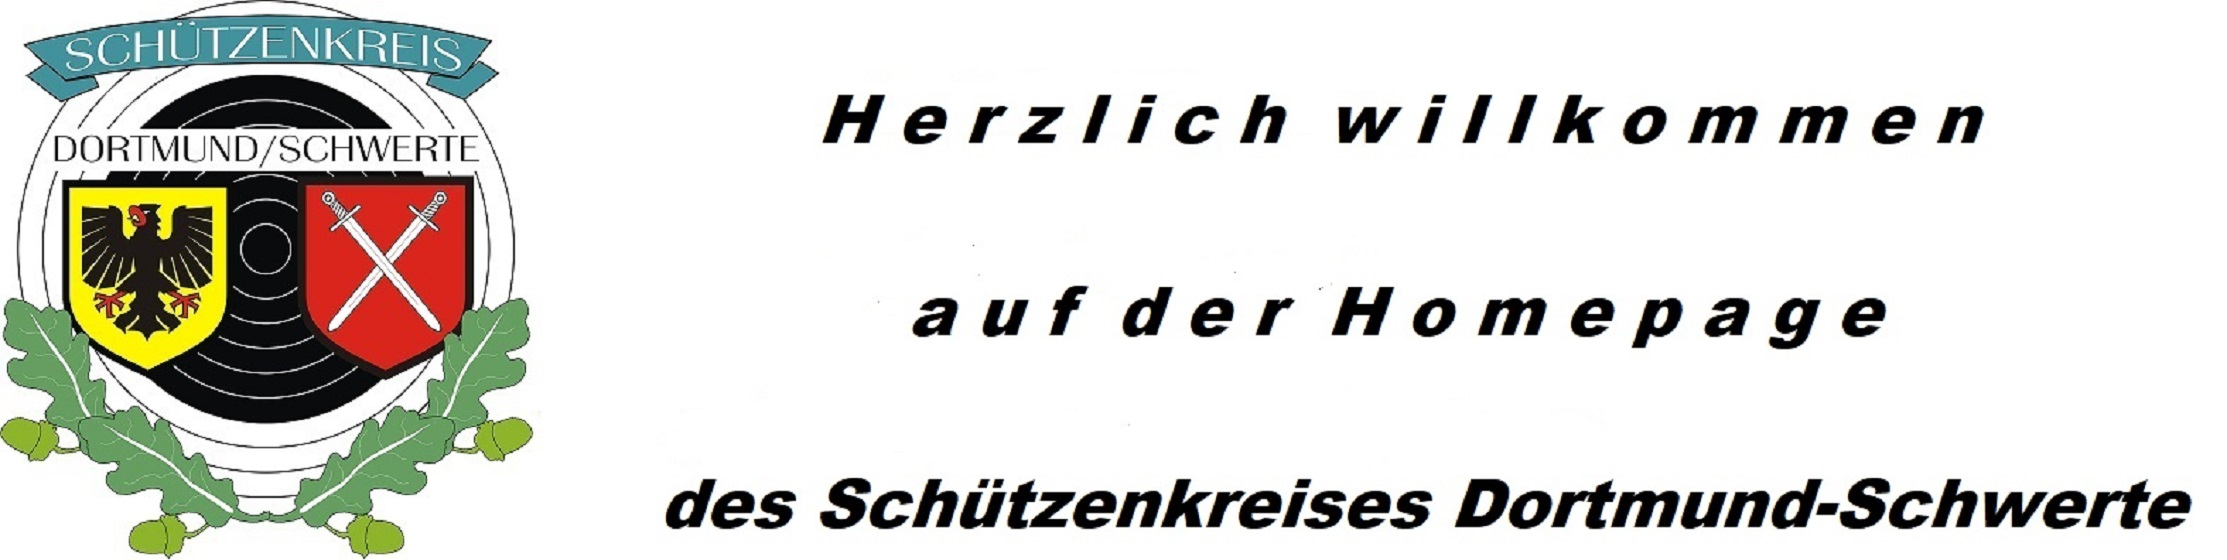 5200 Schützenkreis Dortmund Schwerte